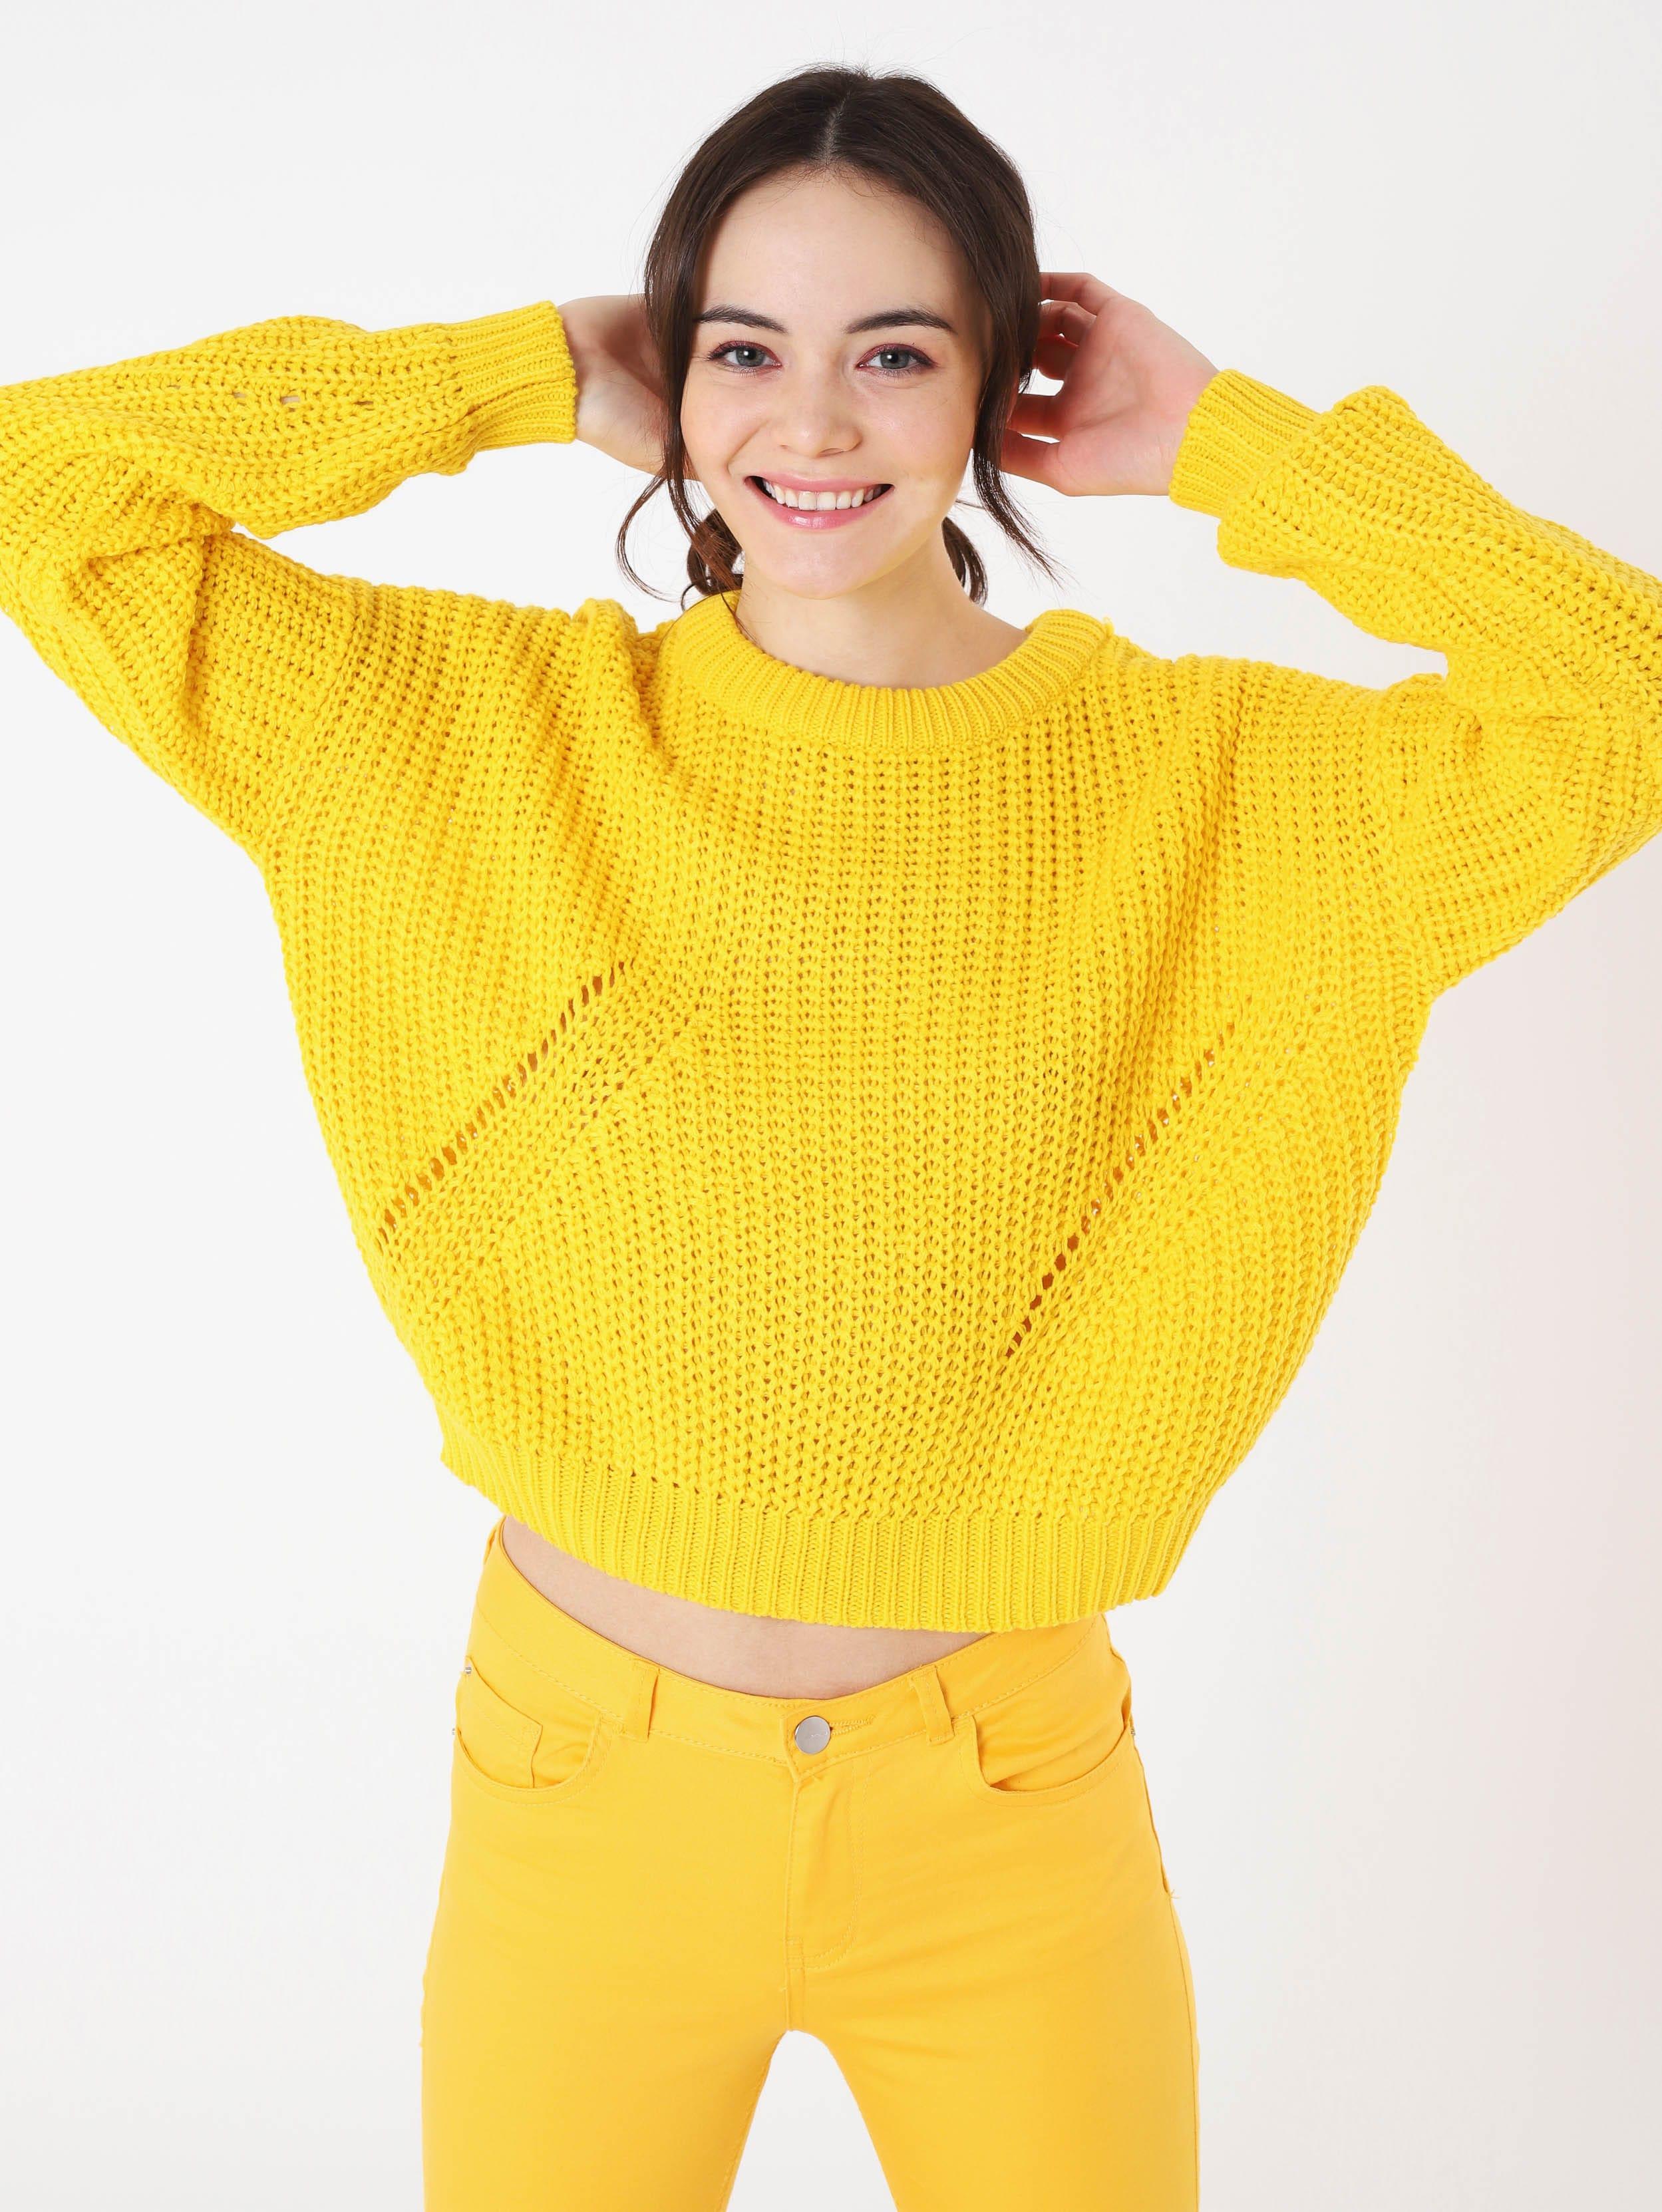 Maglione giallo Terranova a 17,99 euro